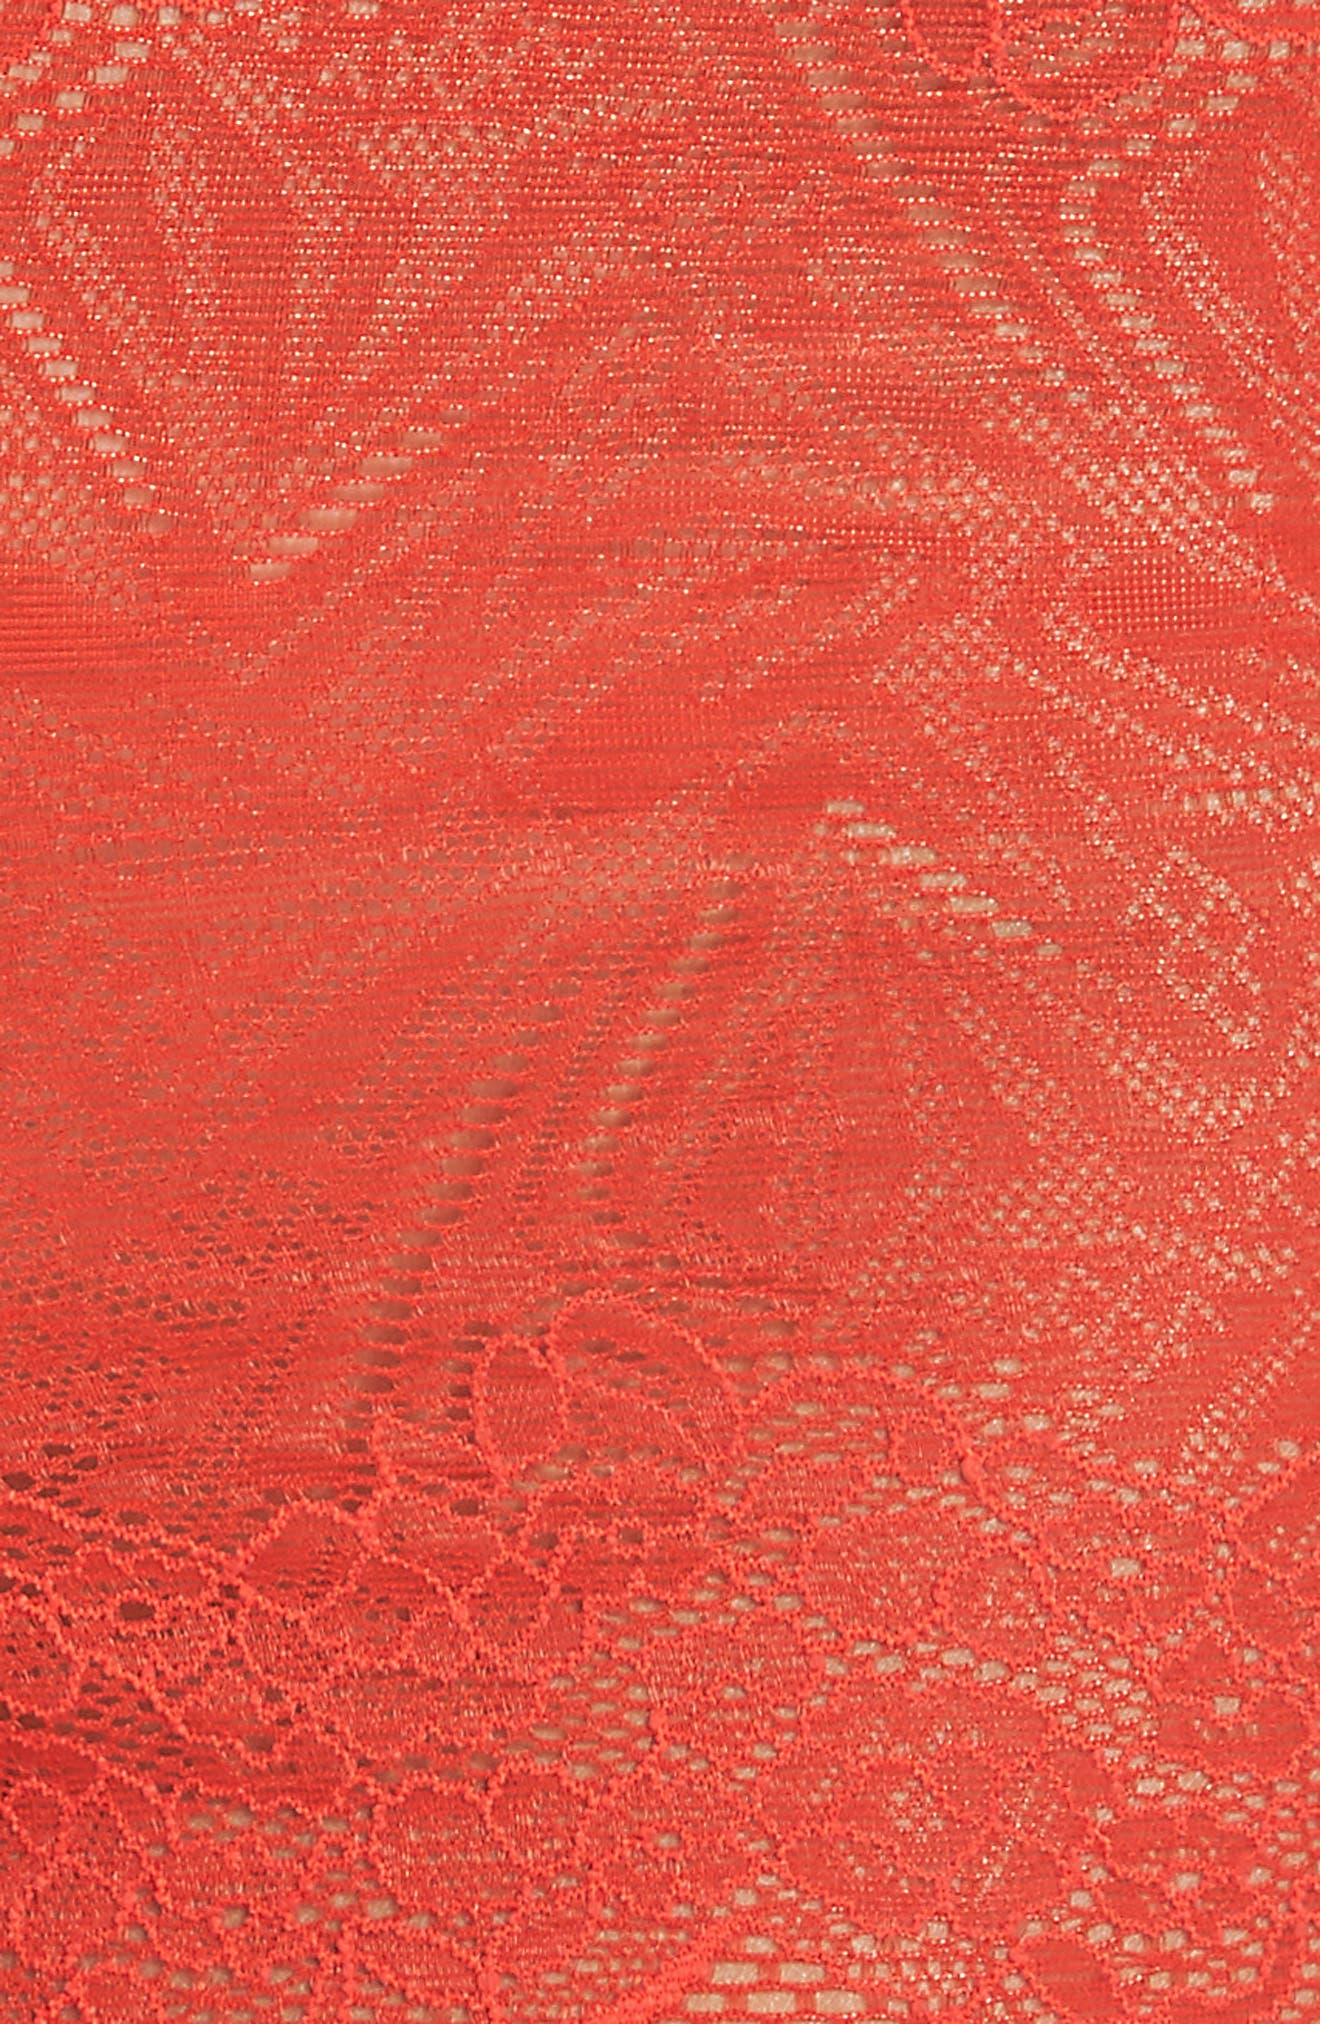 Lace Boyshorts,                             Alternate thumbnail 8, color,                             Ripe Persimmon